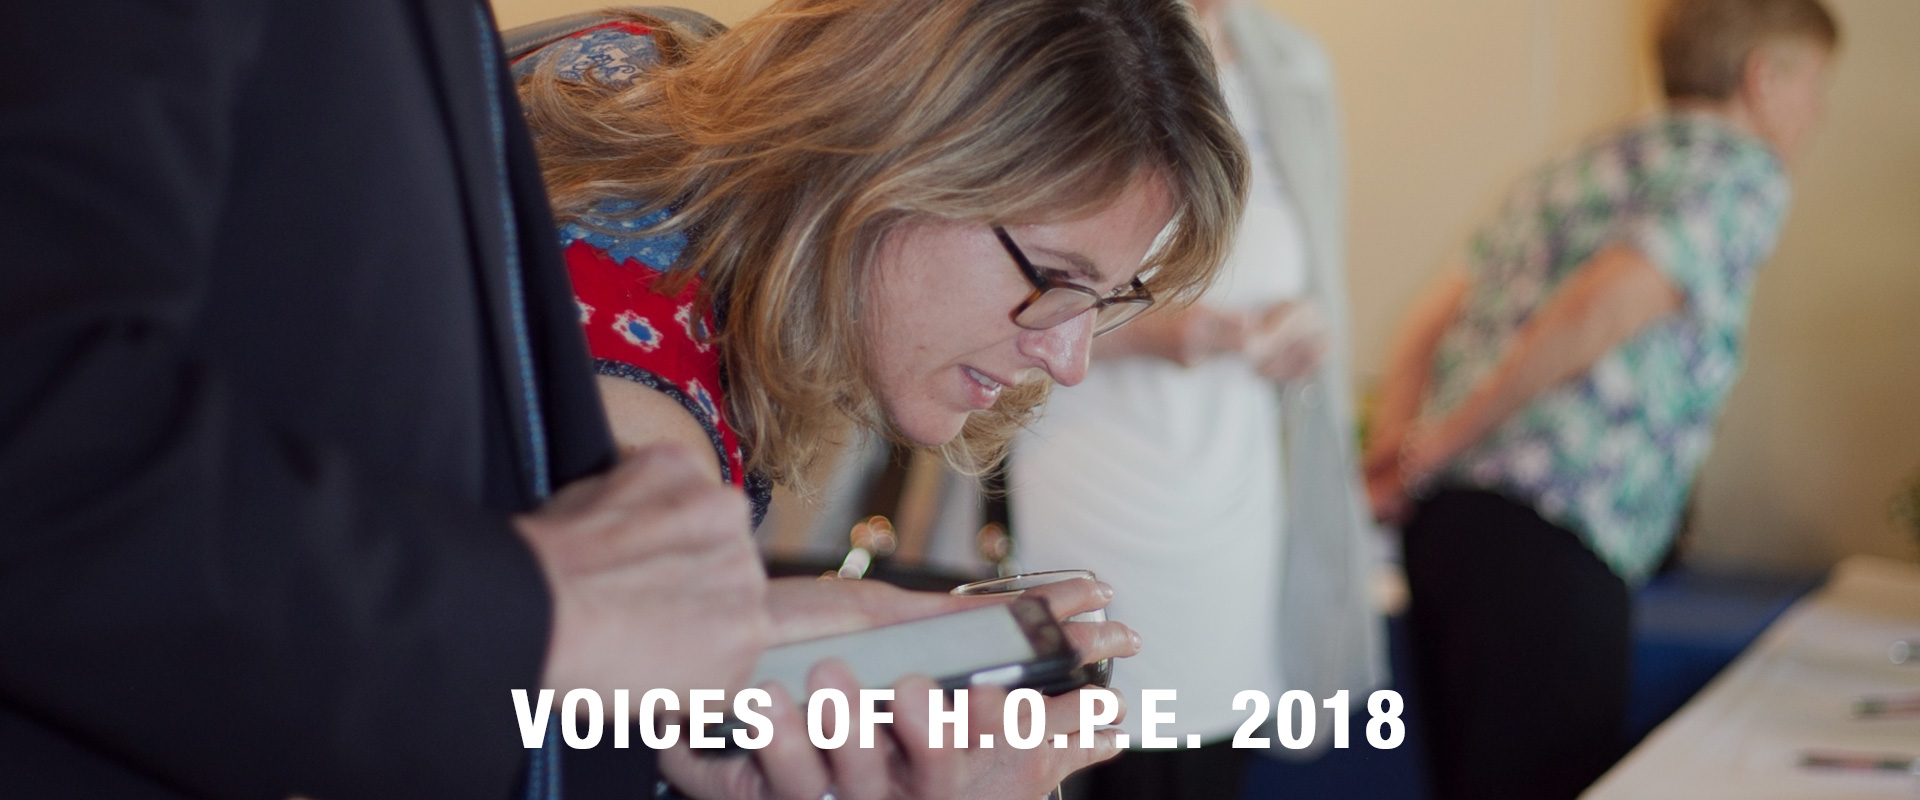 Voices of H.O.P.E. 2018 - 9